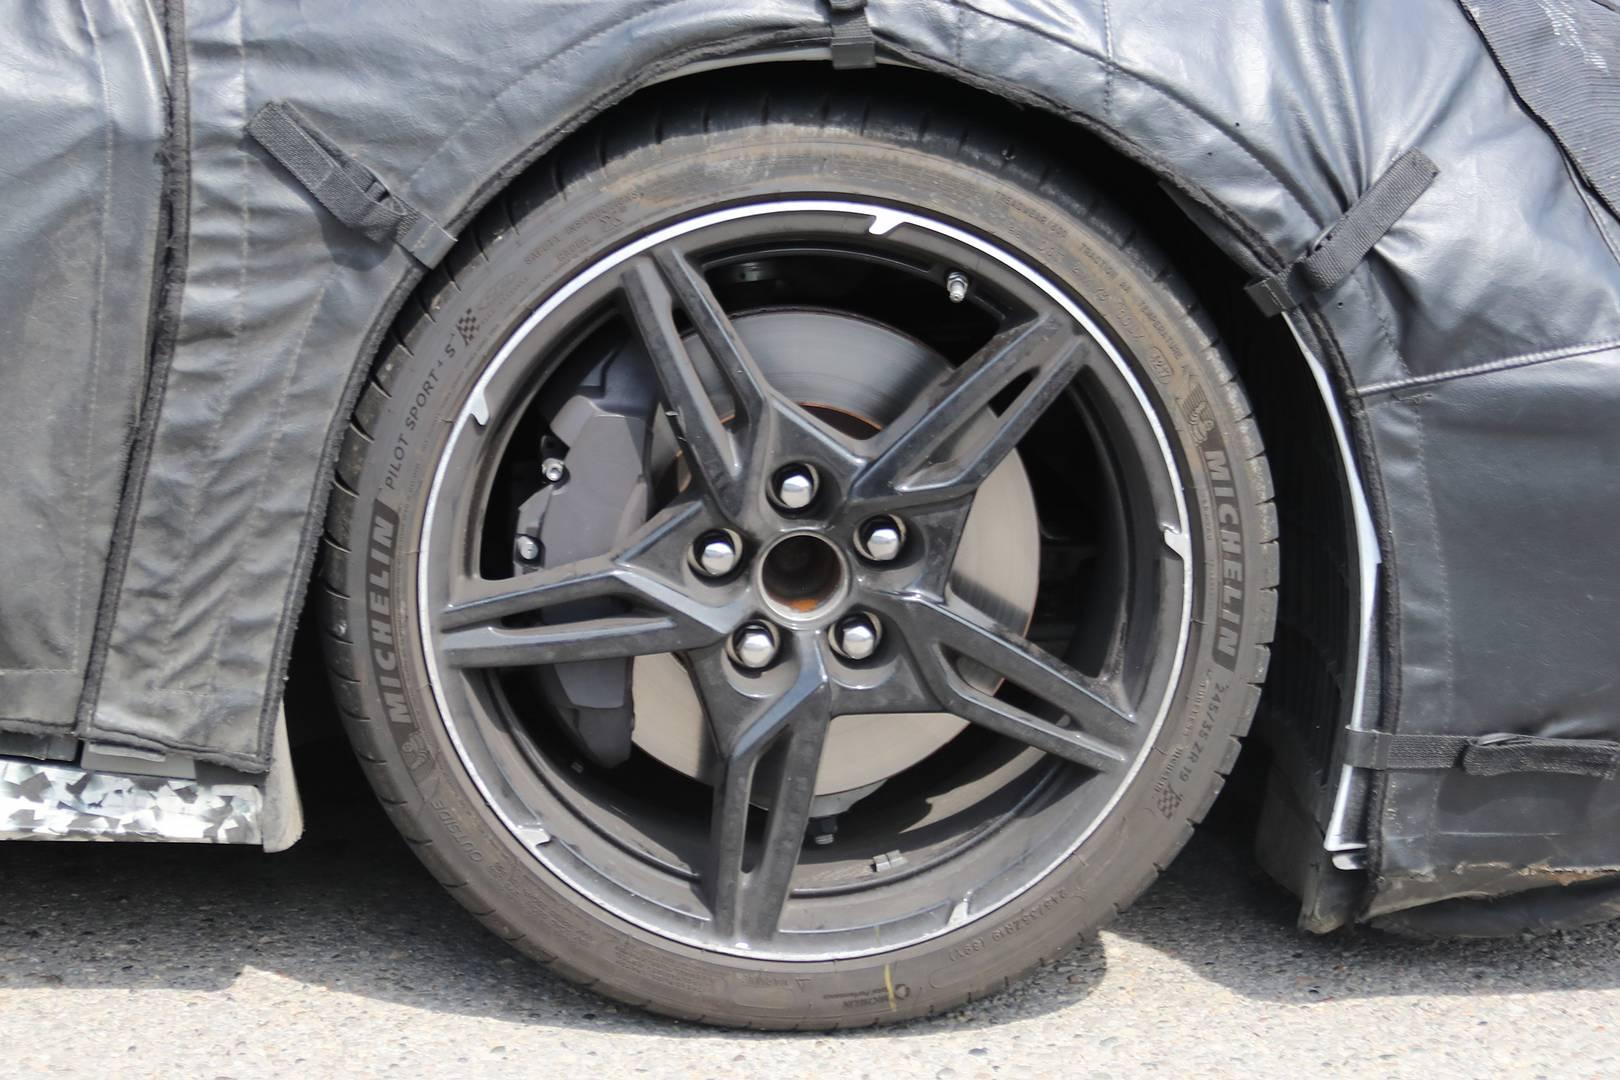 Фотографы-шпионы не первый раз заметили тестовый автомобиль, который считается планируемым среднемоторным Corvette.